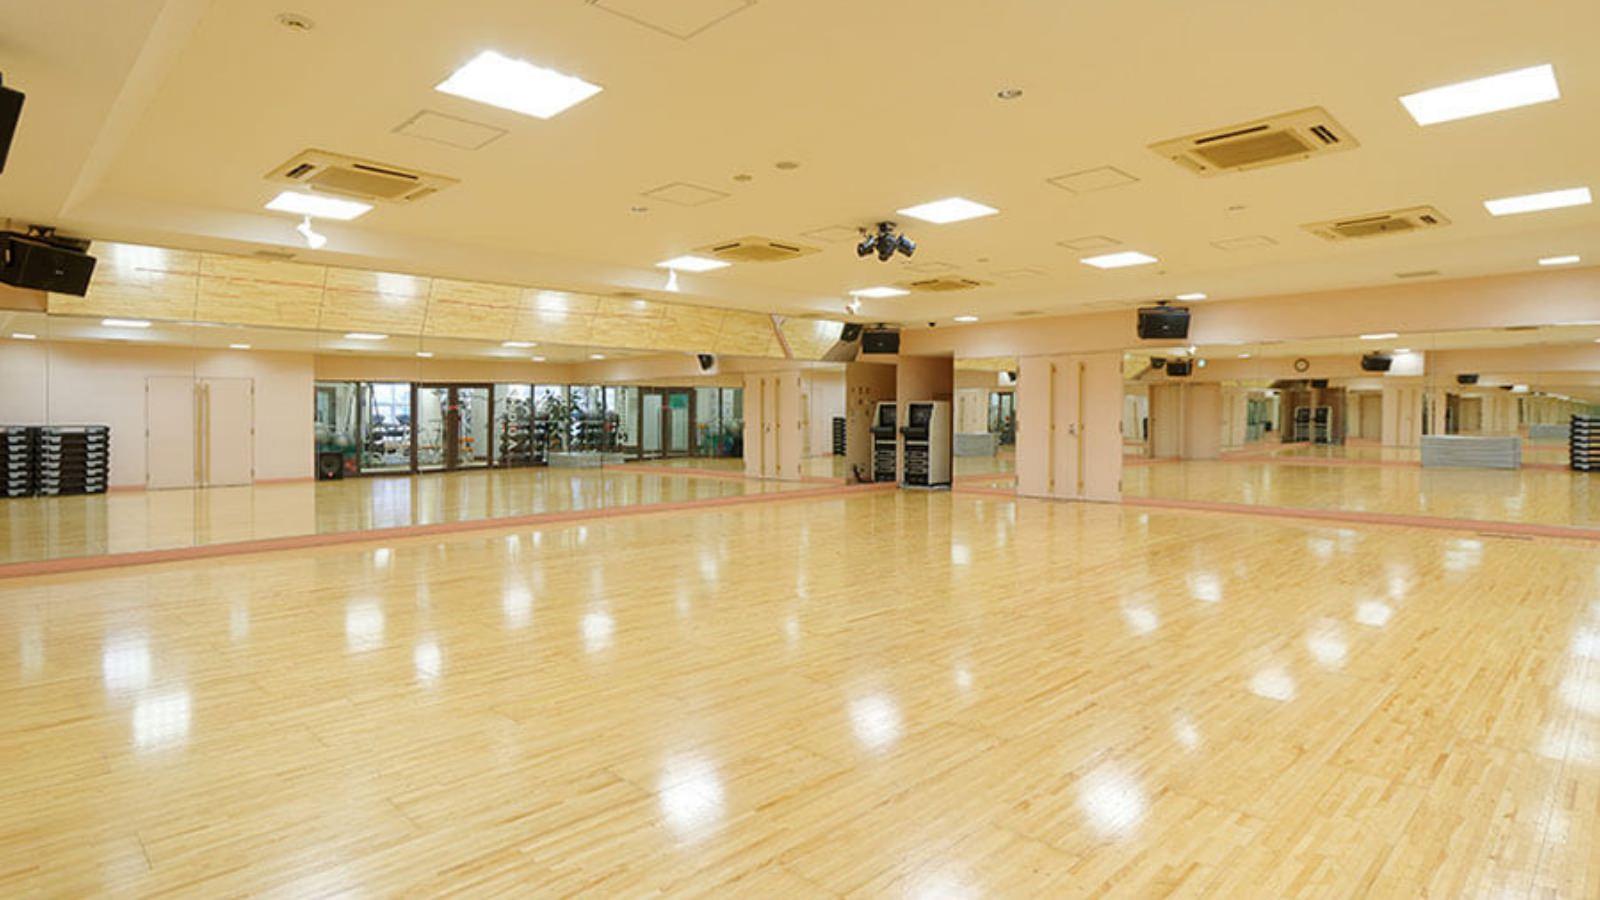 横浜天王町店のスタジオB